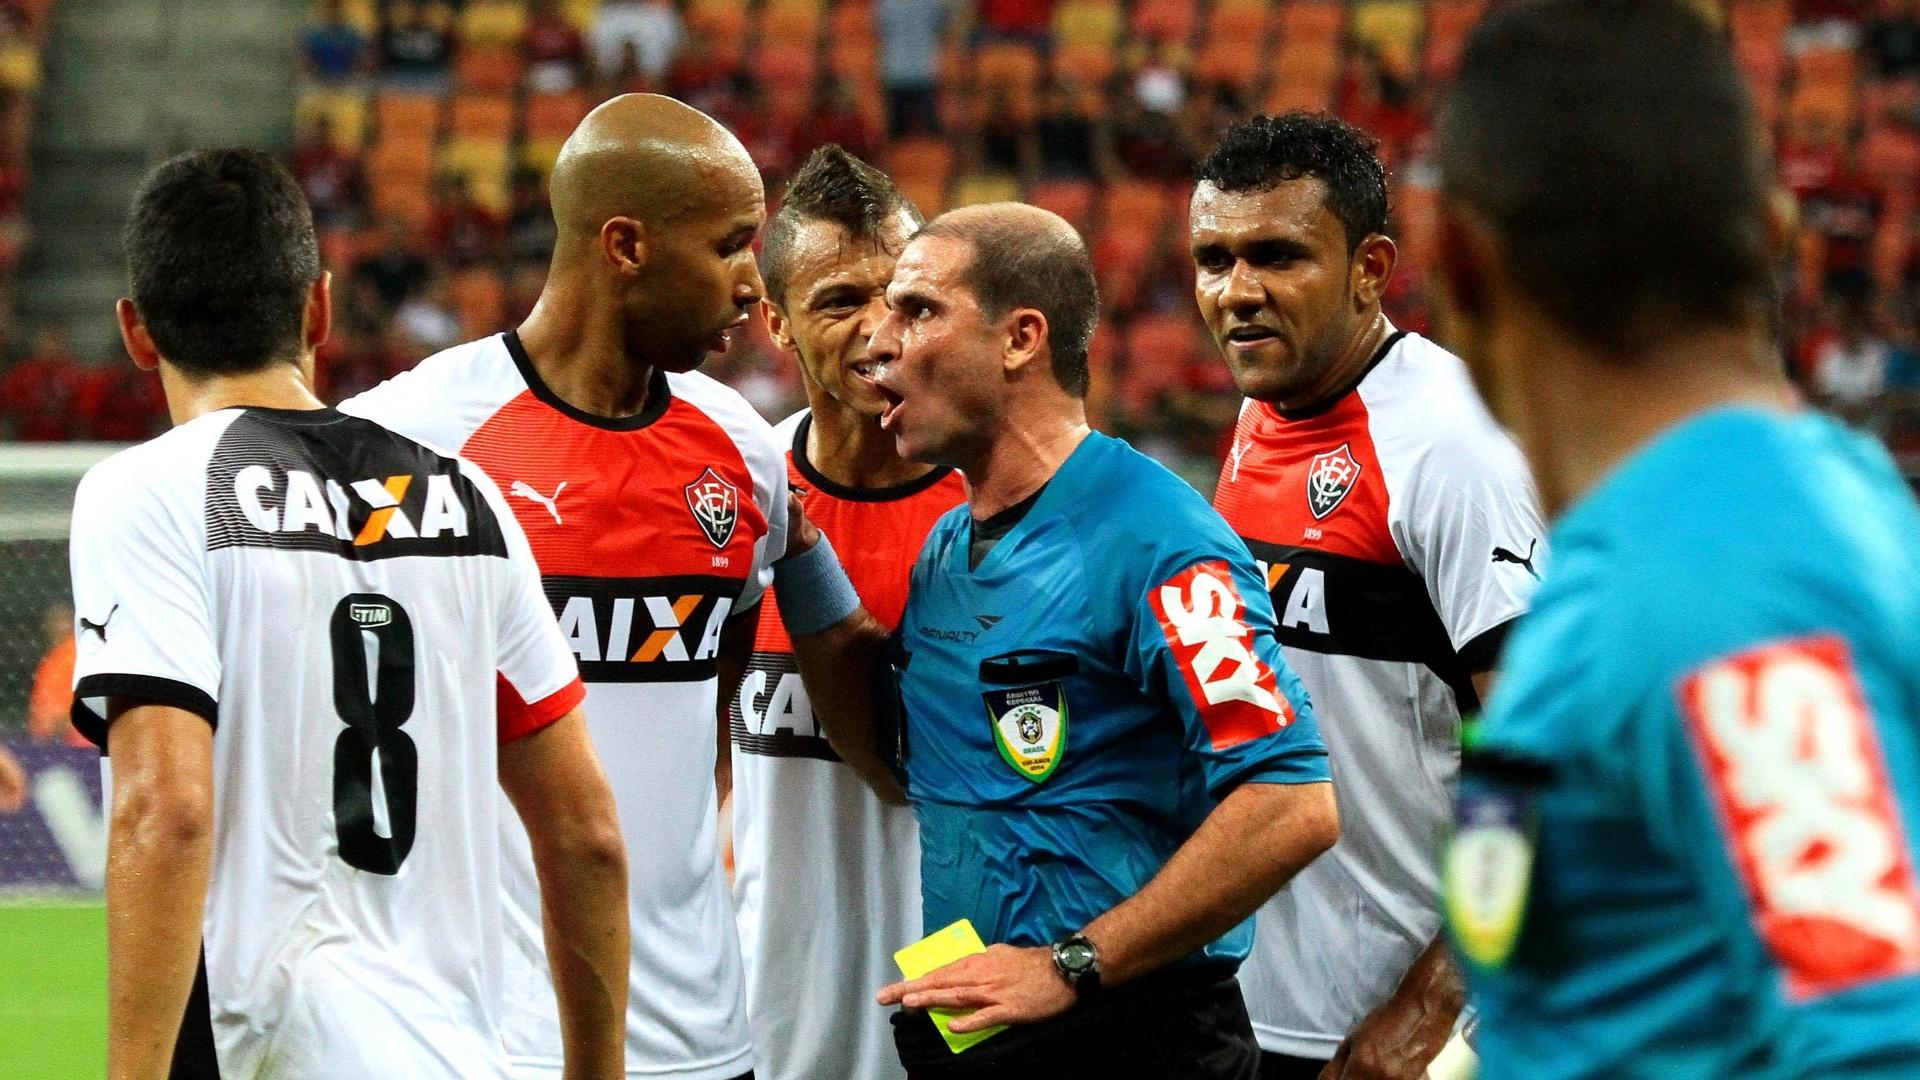 Jogadores do Vitória discutem com árbitro em partida contra o Flamengo na Arena Amazônia, em Manaus